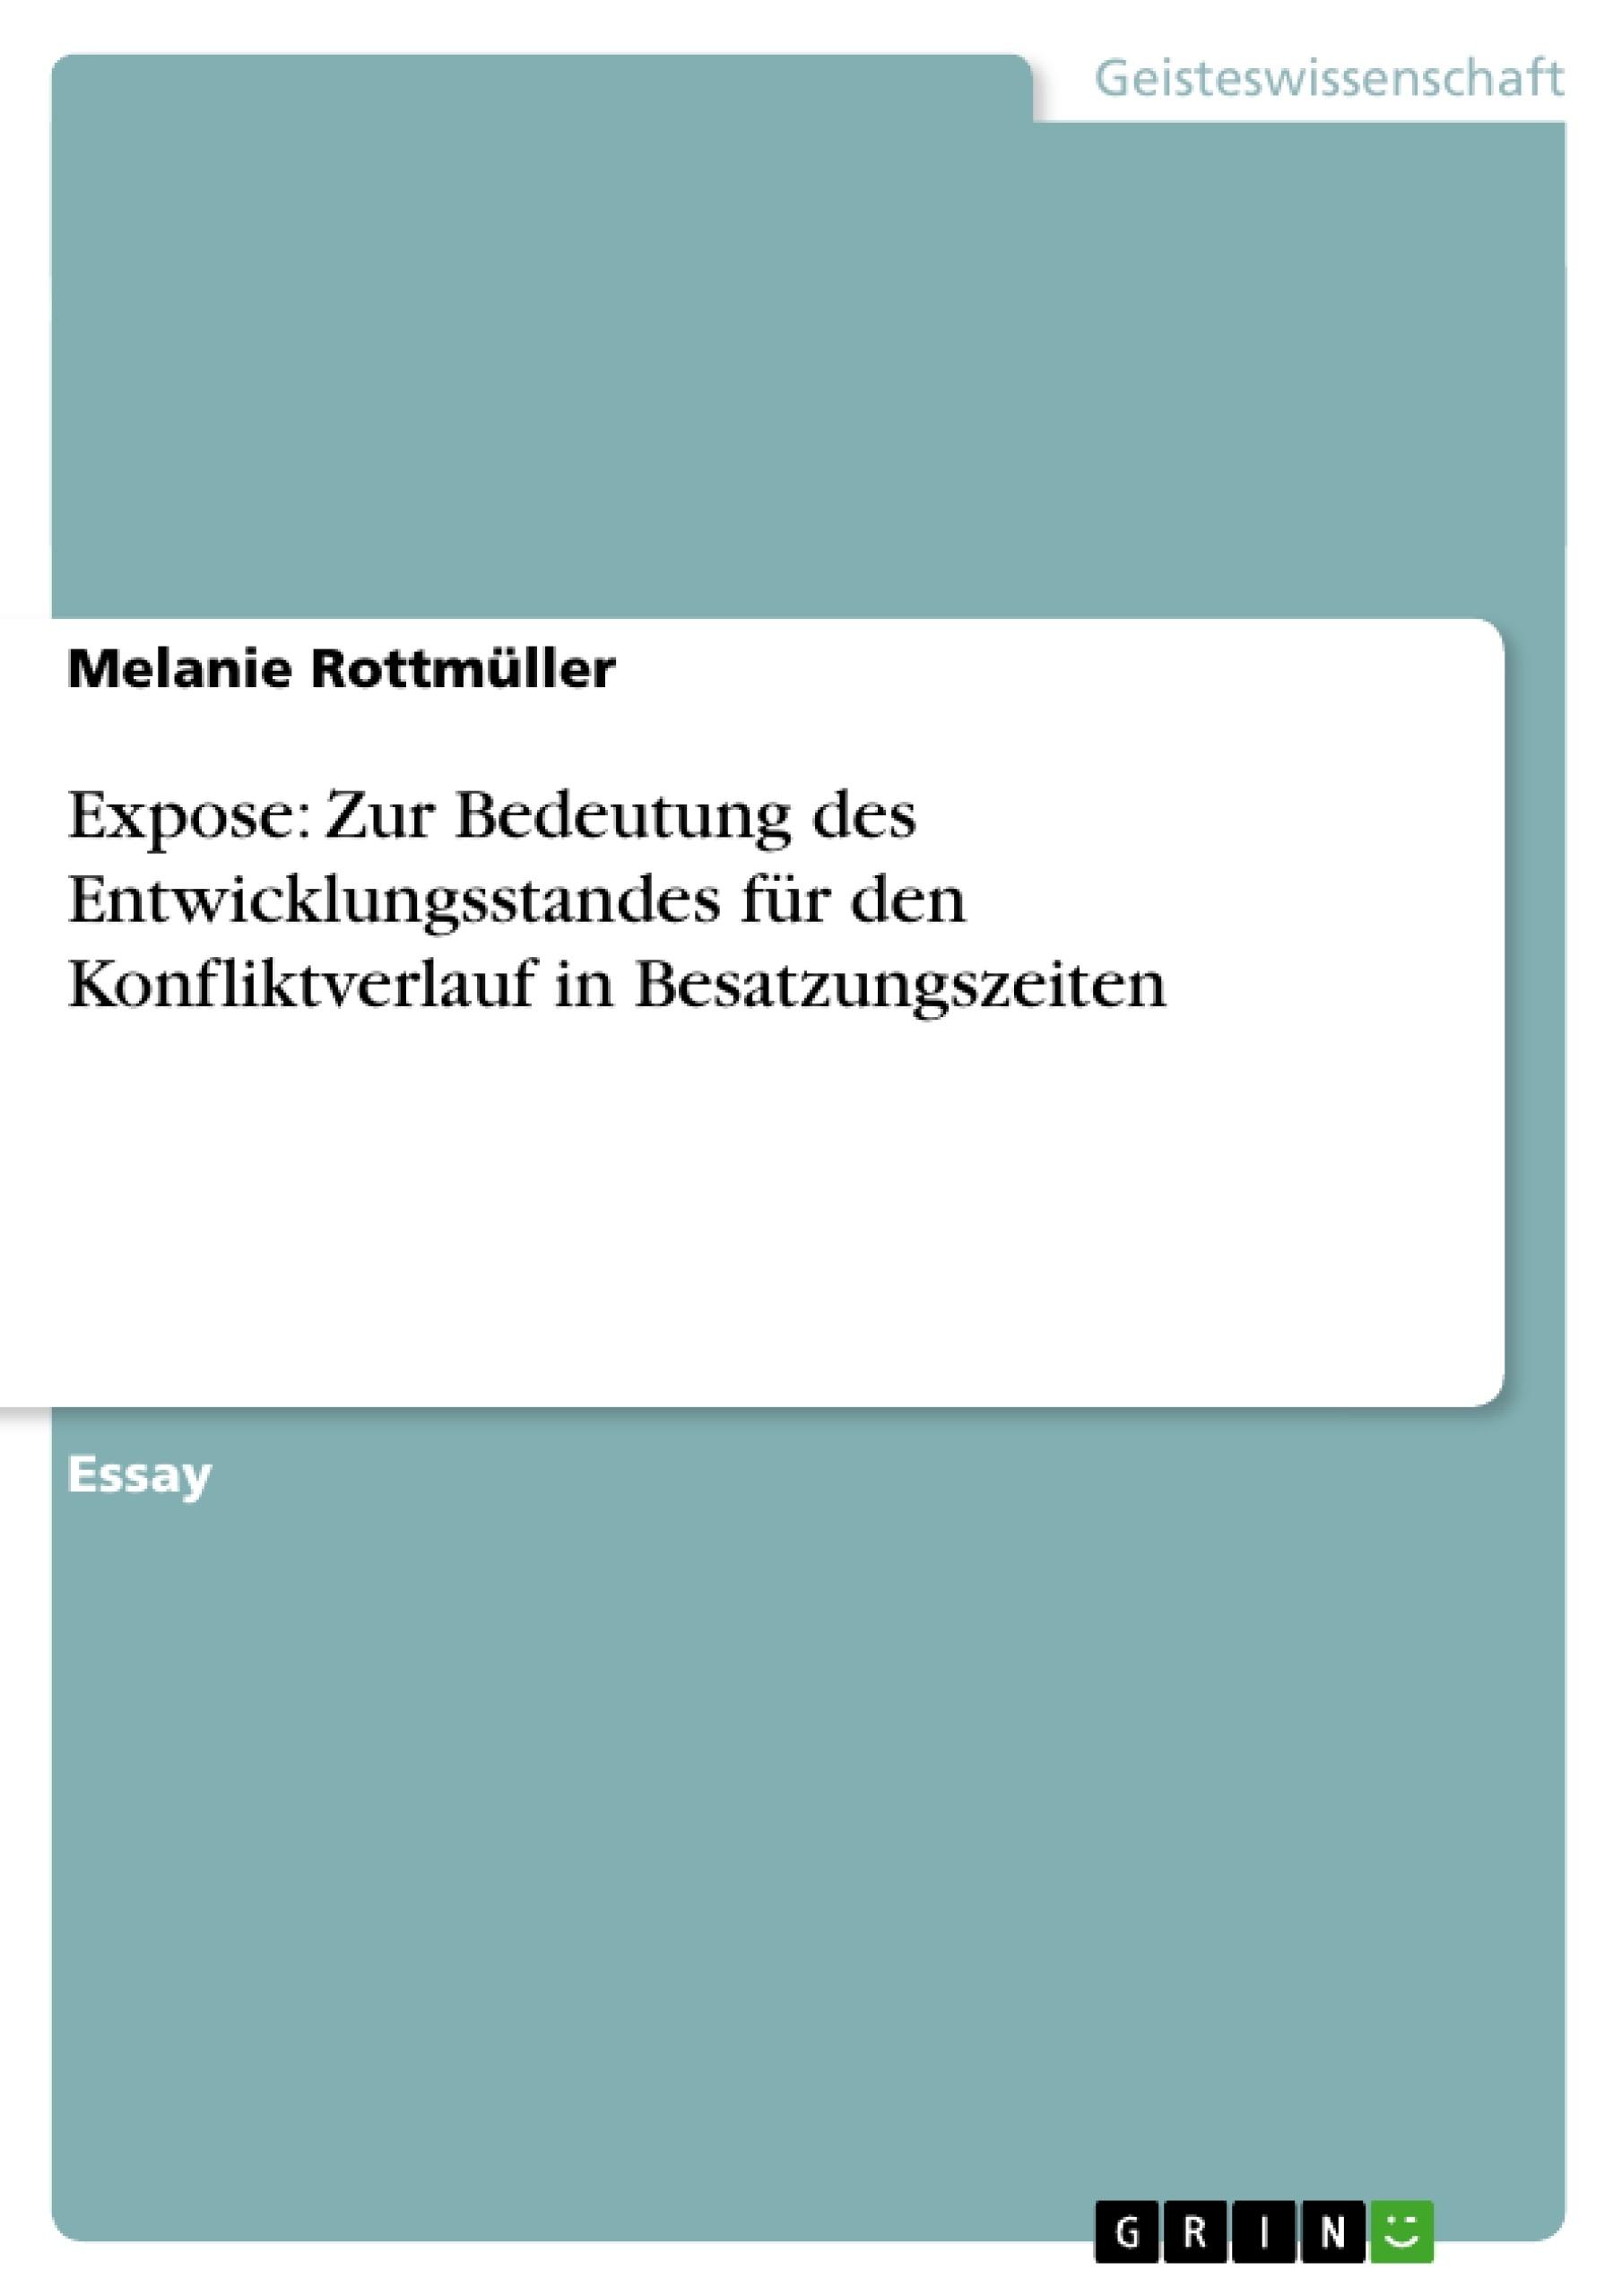 Titel: Expose: Zur Bedeutung des Entwicklungsstandes für den Konfliktverlauf in Besatzungszeiten